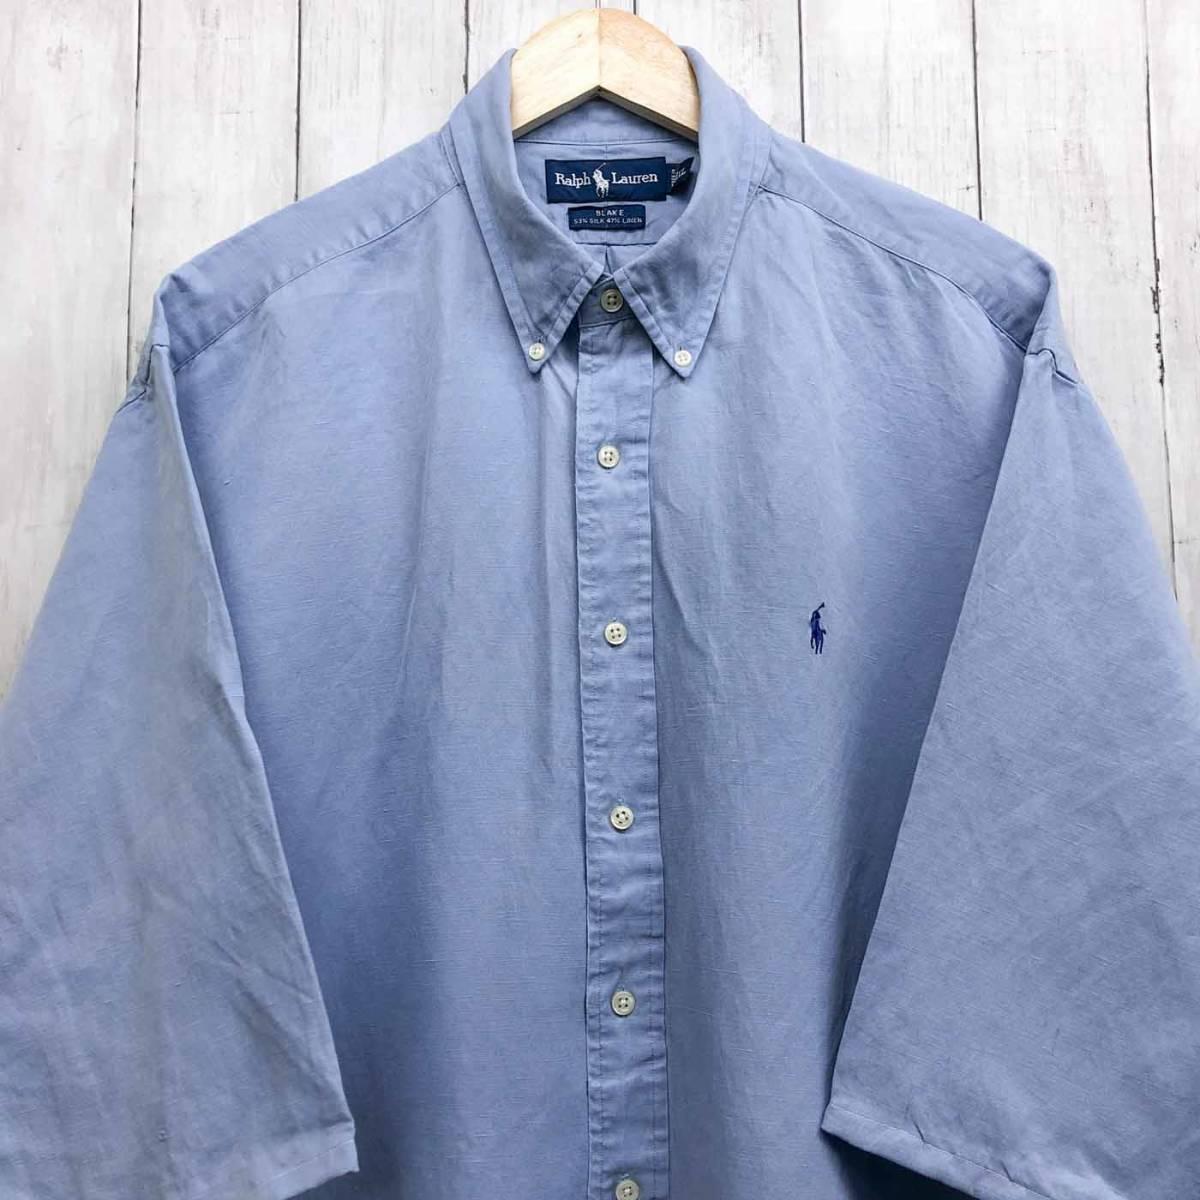 ラルフローレン POLO Ralph Lauren Polo 半袖シャツ 五分丈 メンズ ワンポイント XLサイズ 7-198_画像1